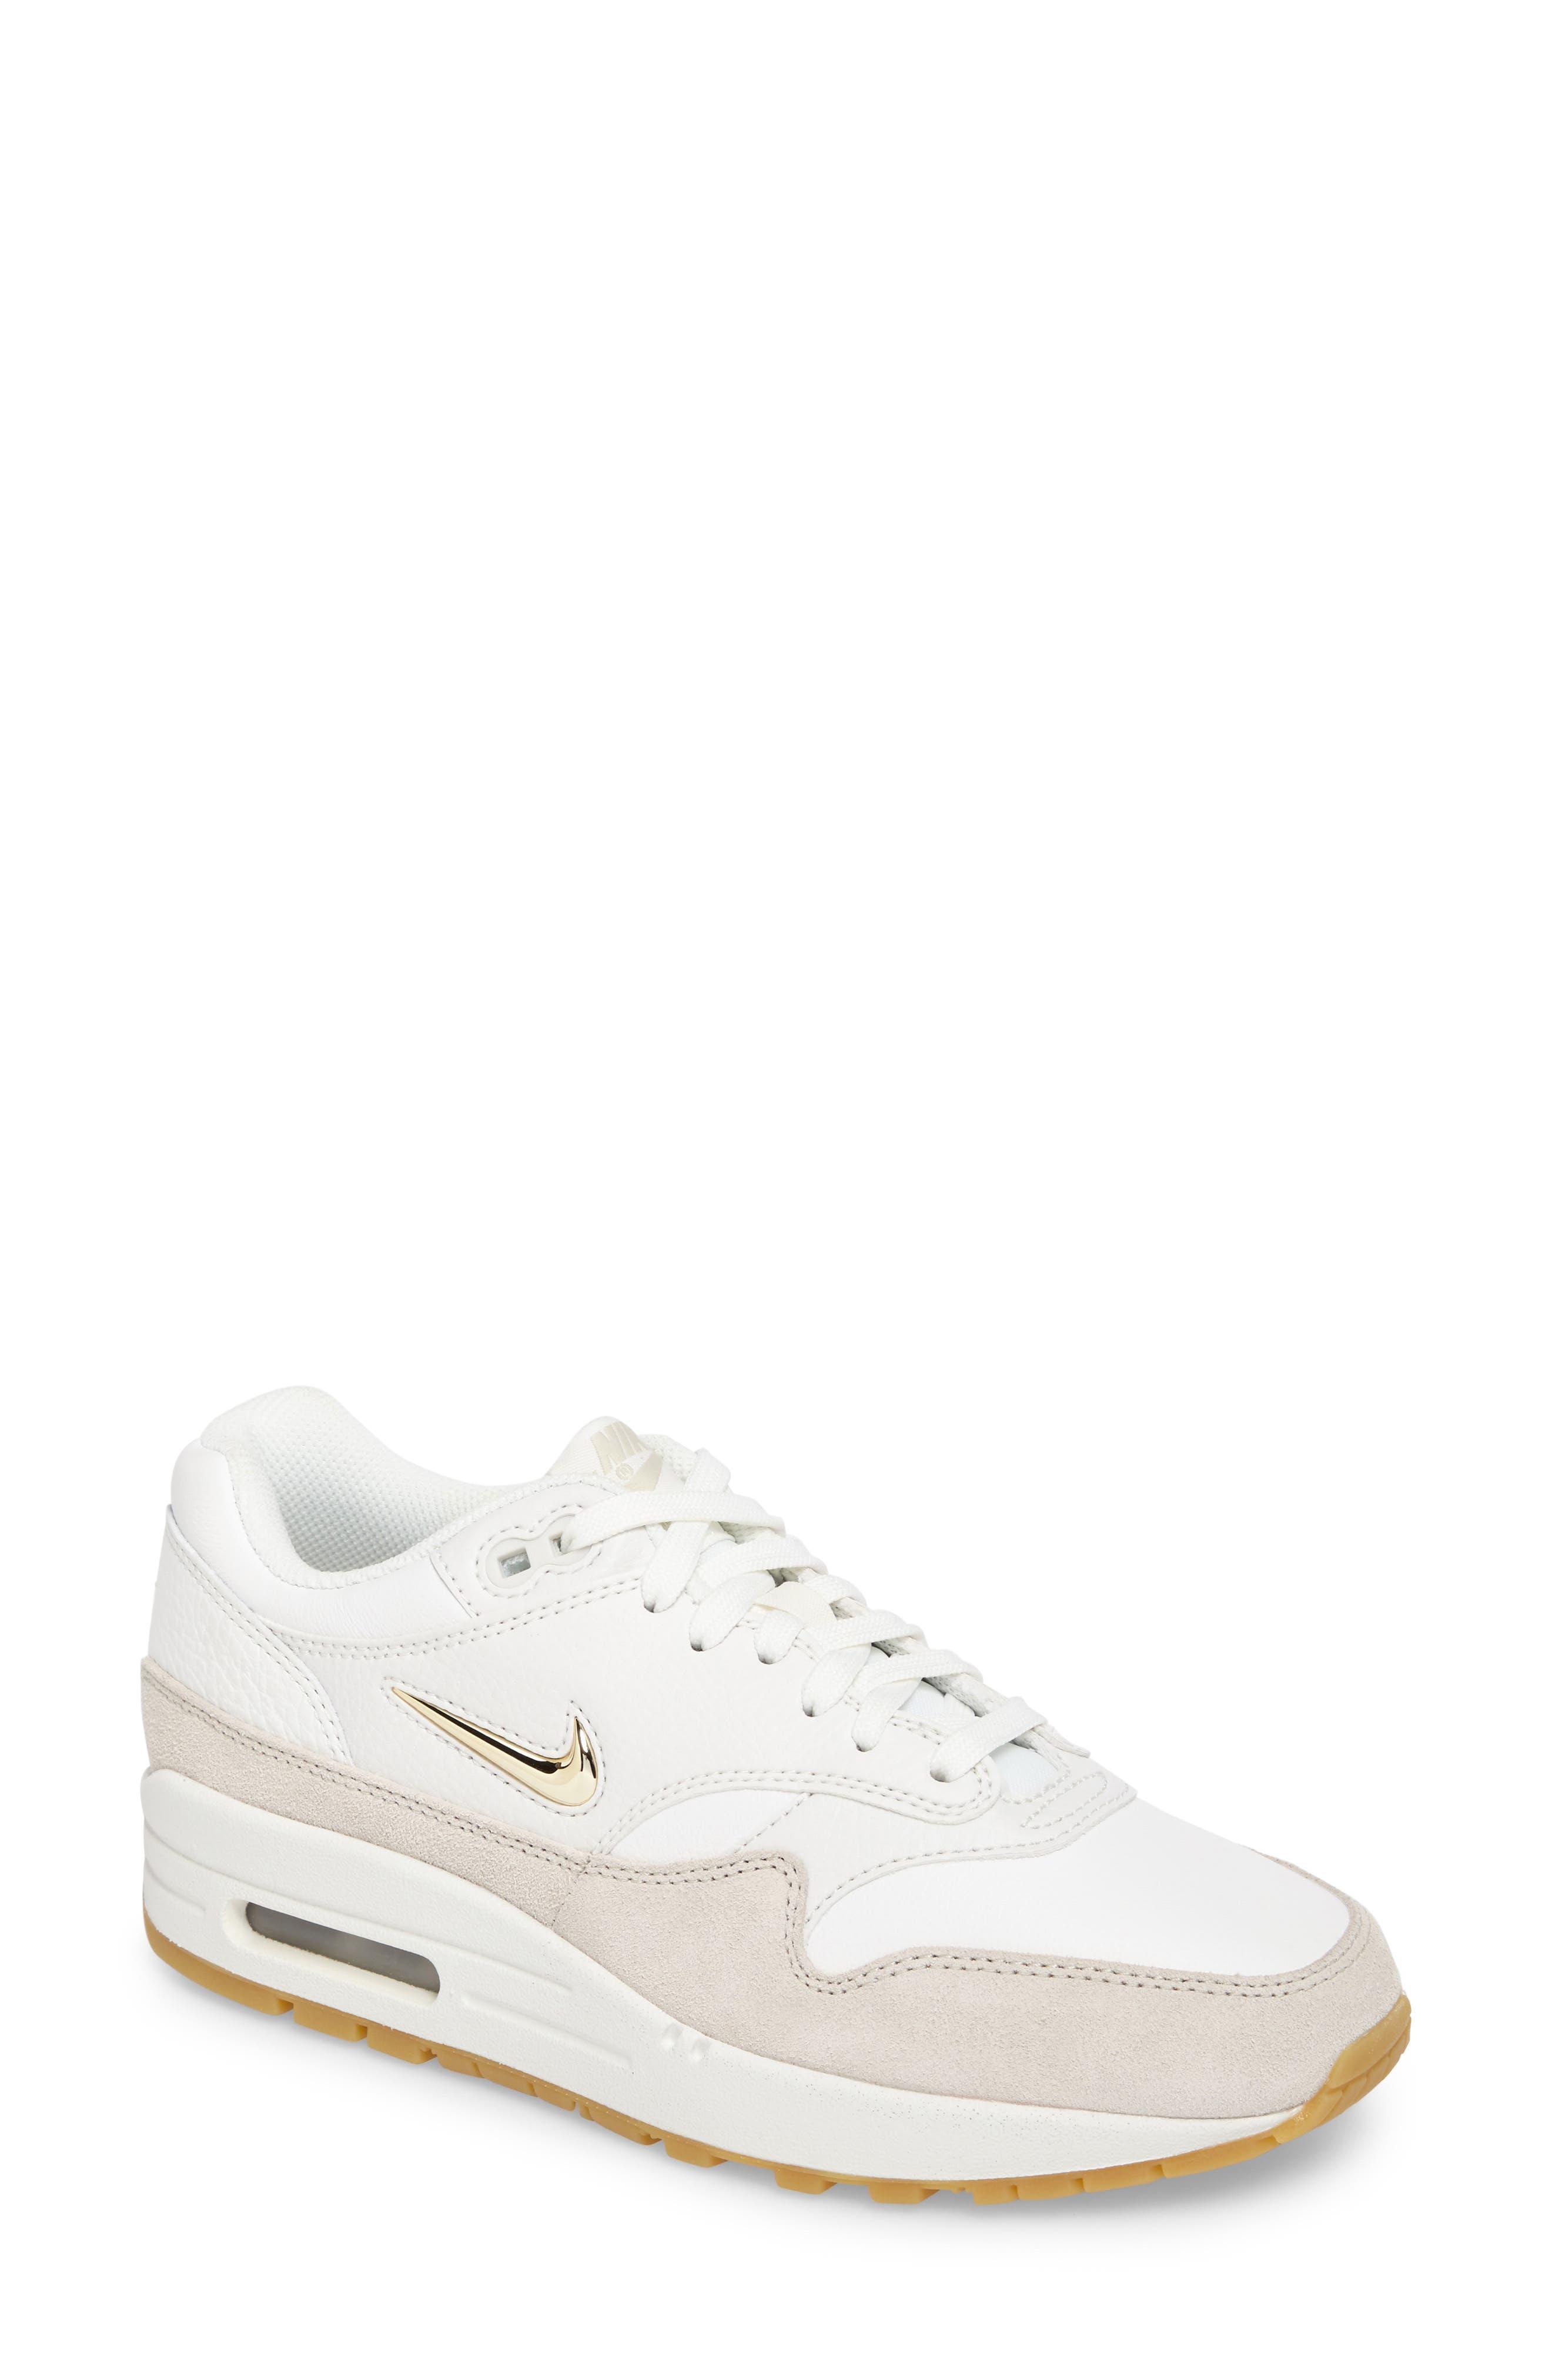 Alternate Image 1 Selected - Nike Air Max 1 Premium SC Sneaker (Women)